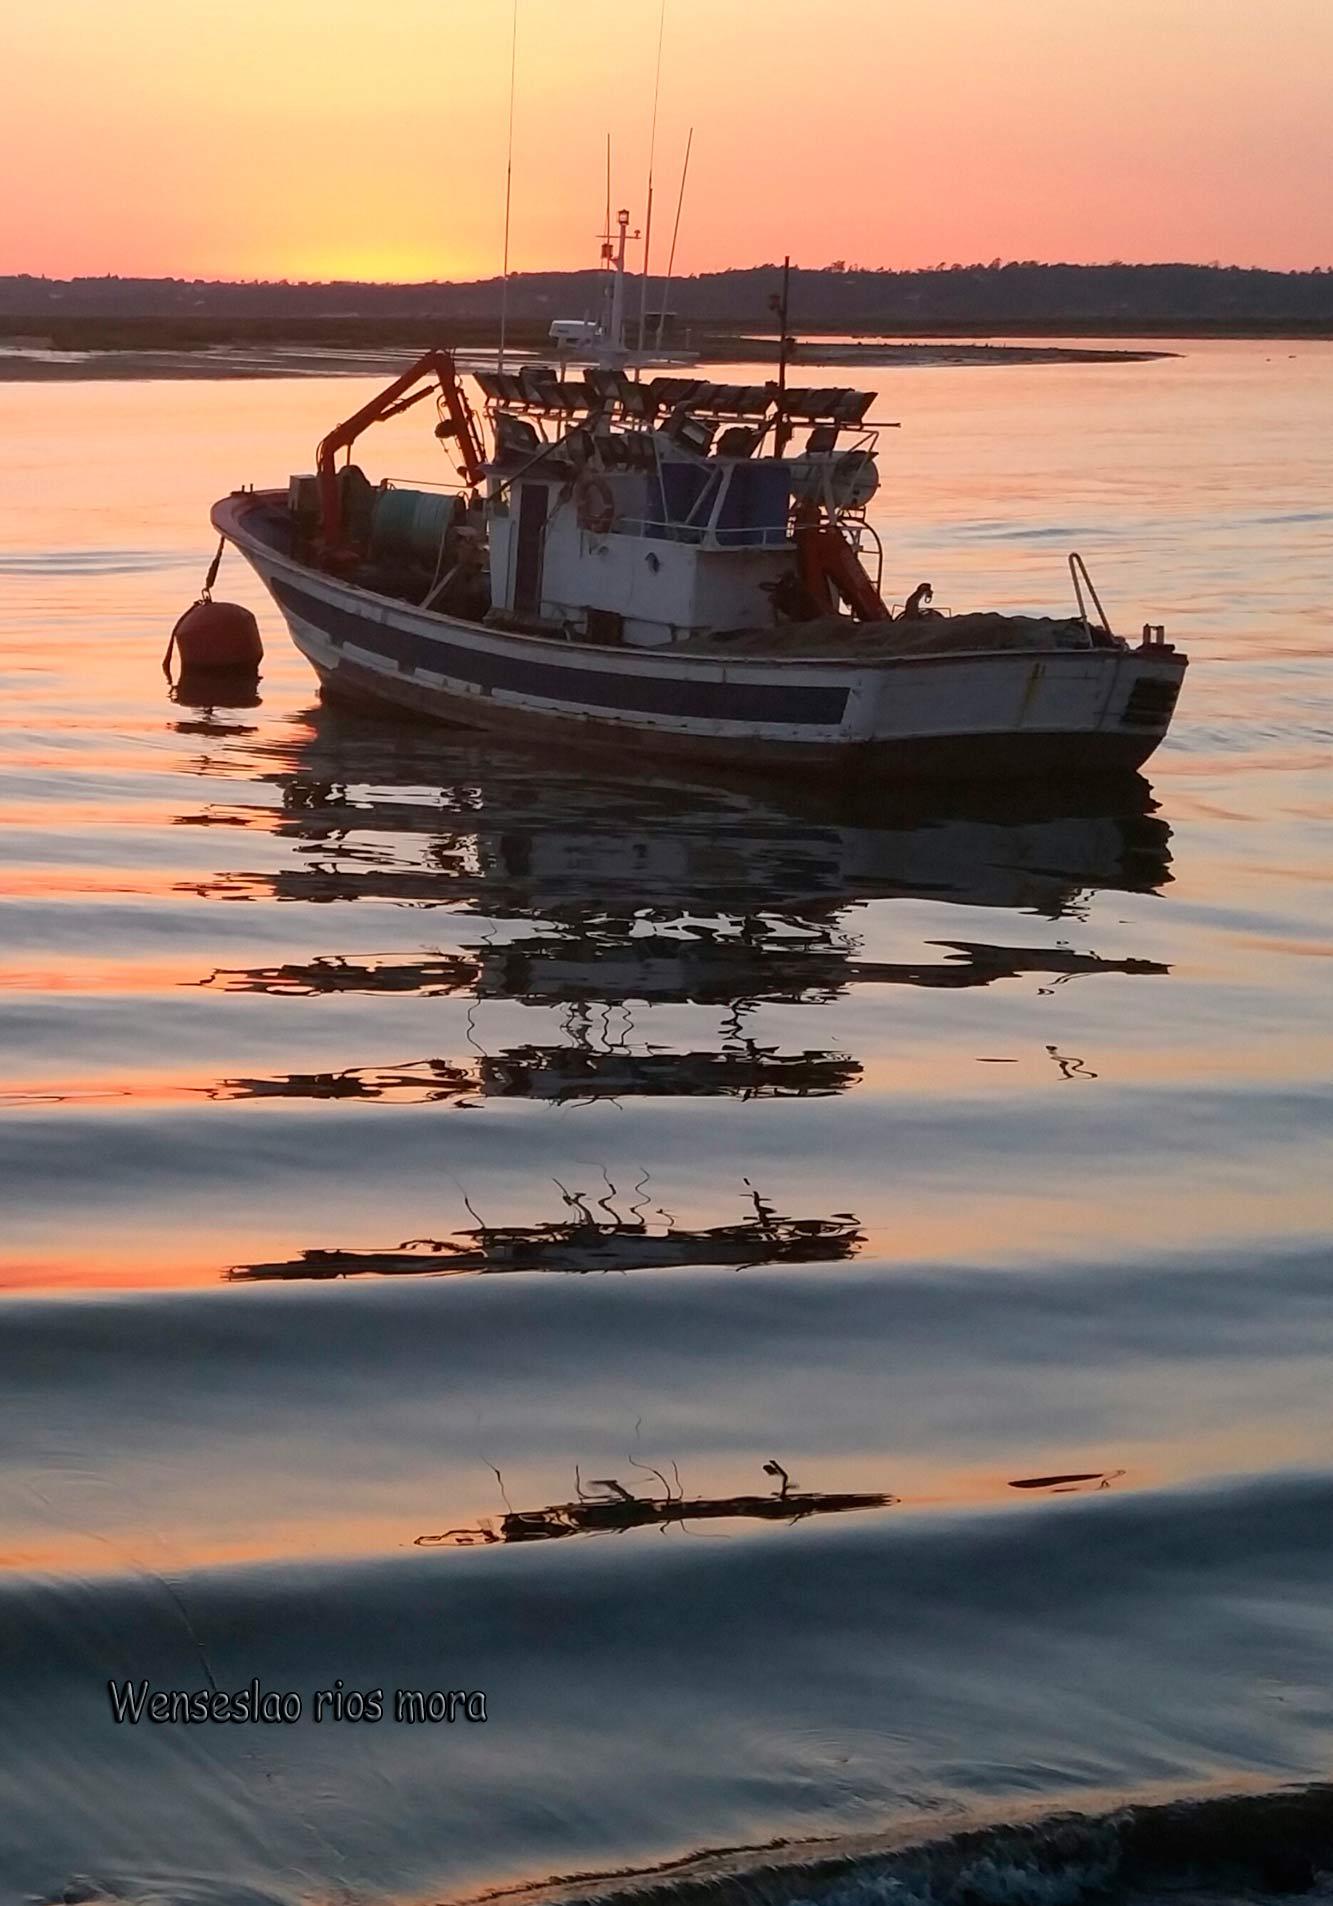 wenseslao-rios-mora-besos-de-ondas-3-premio